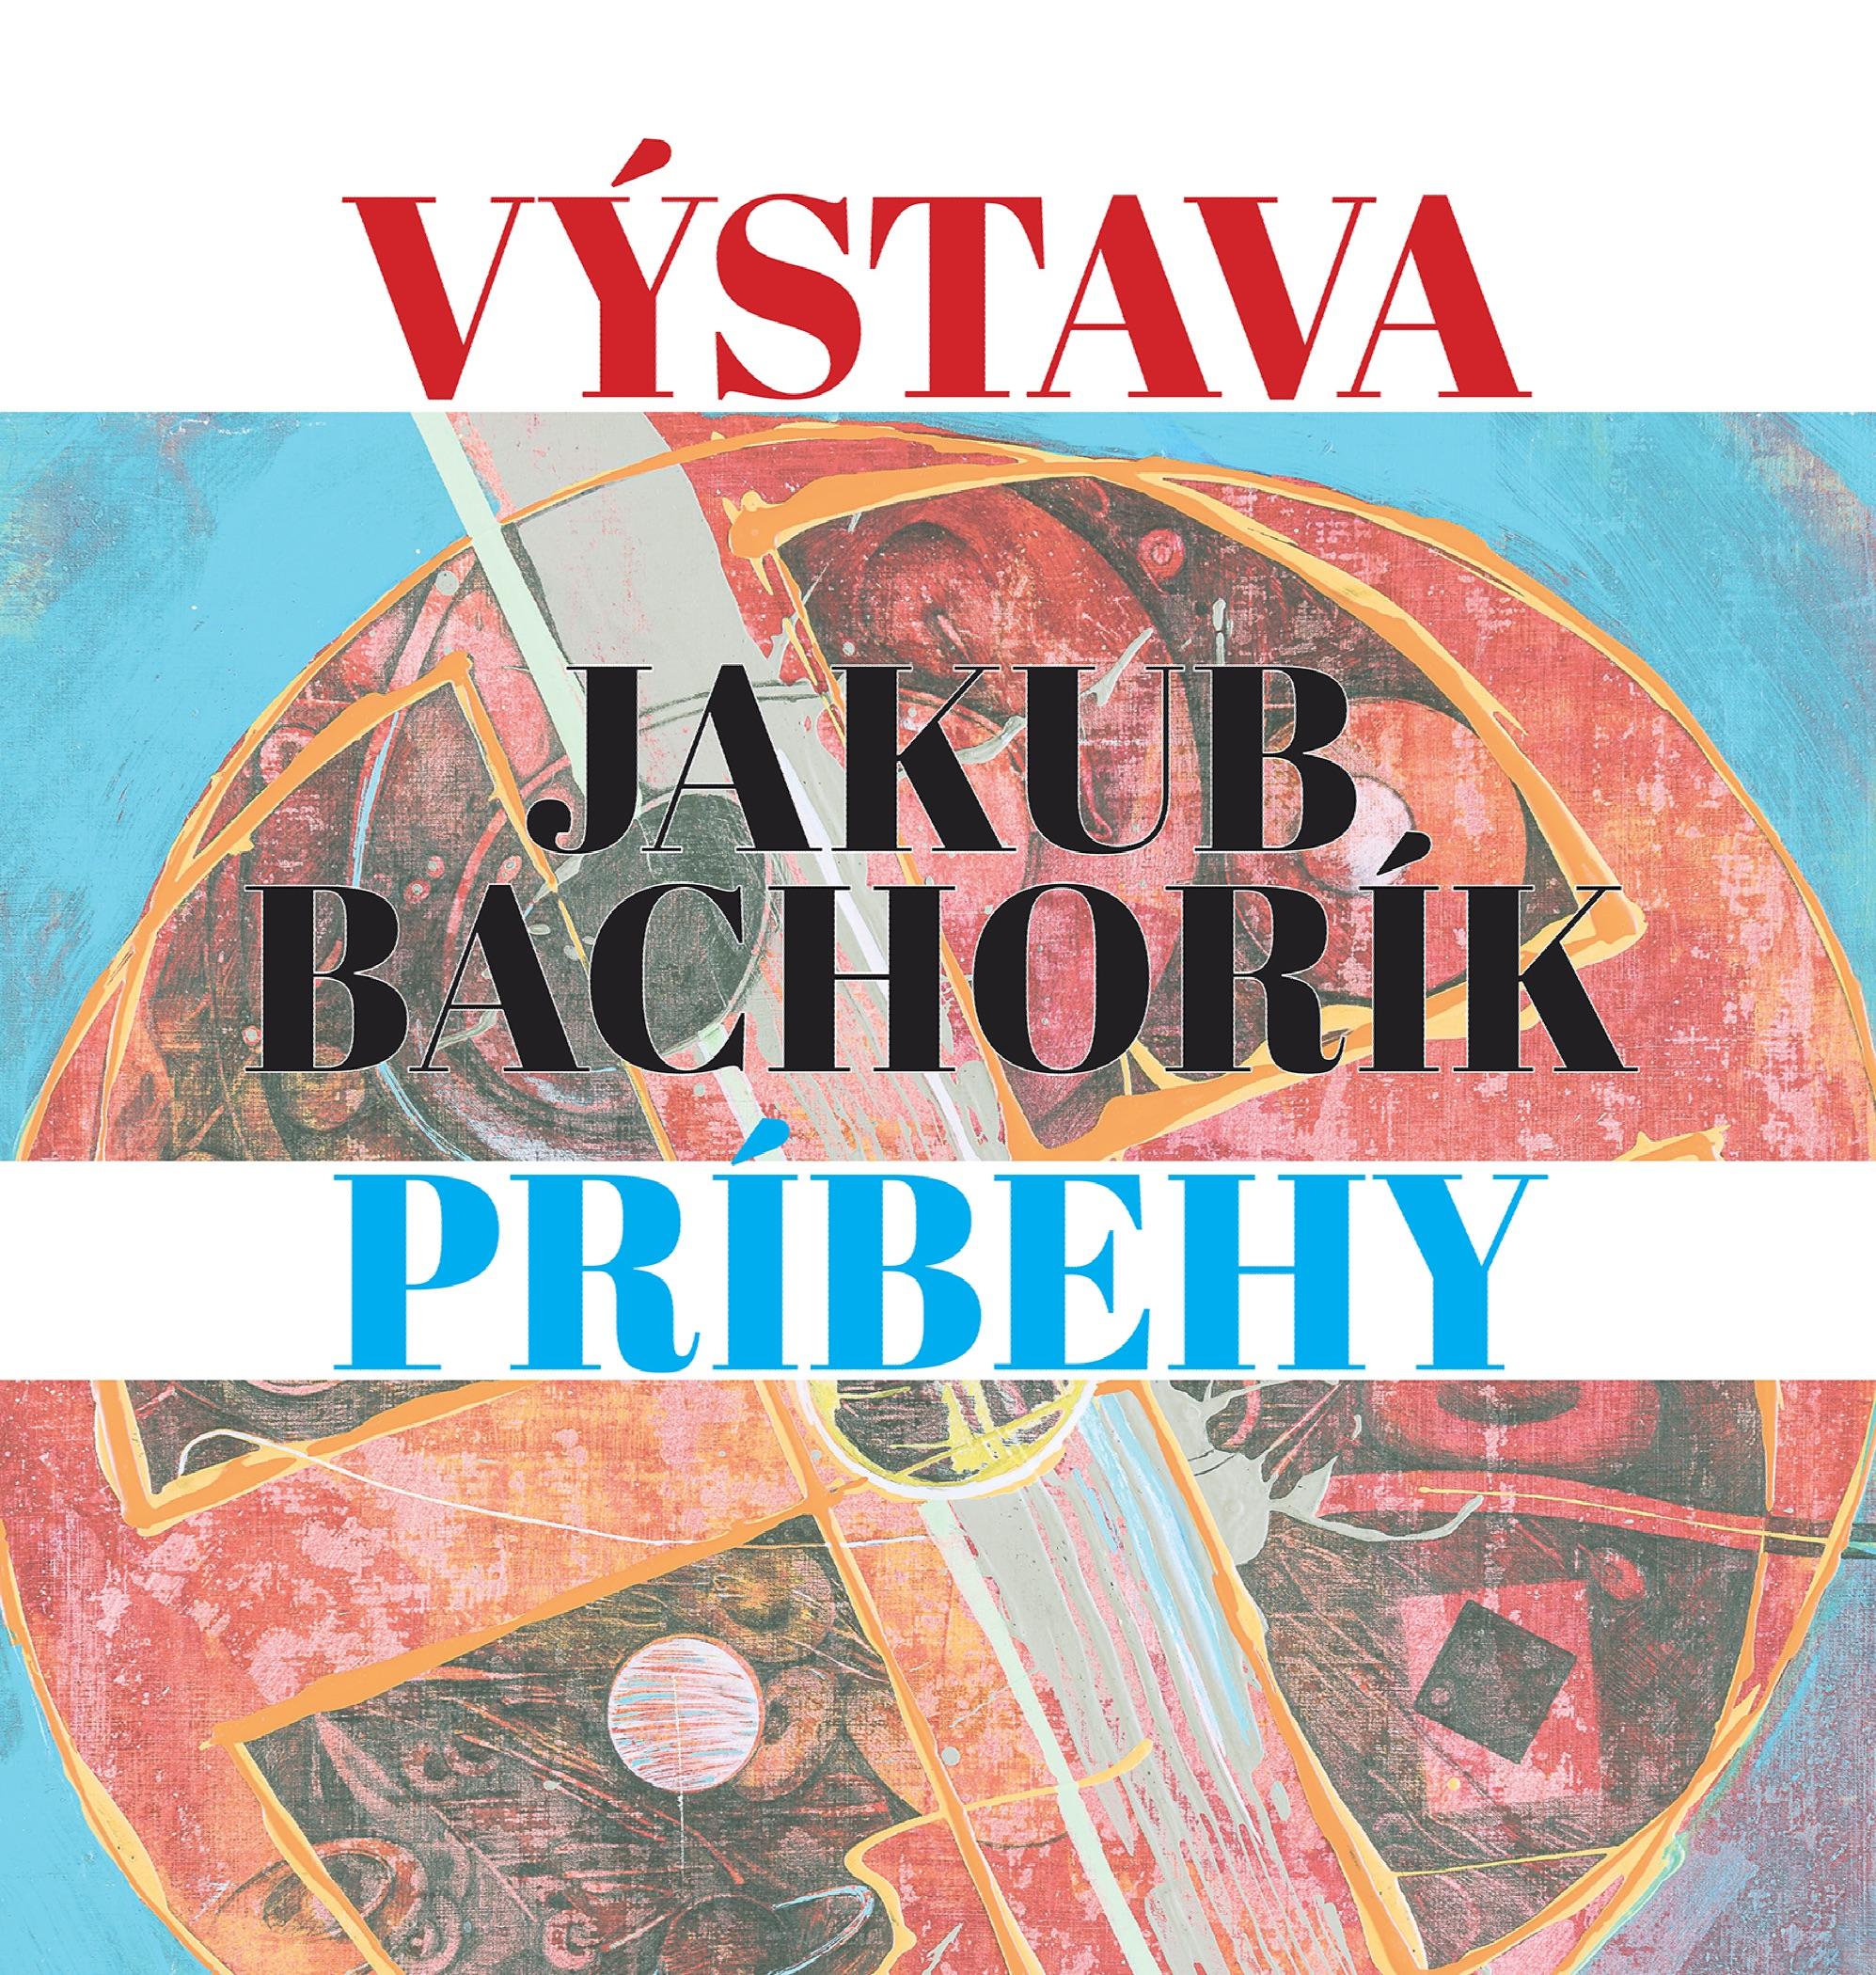 Výstava Jakub Bachorík